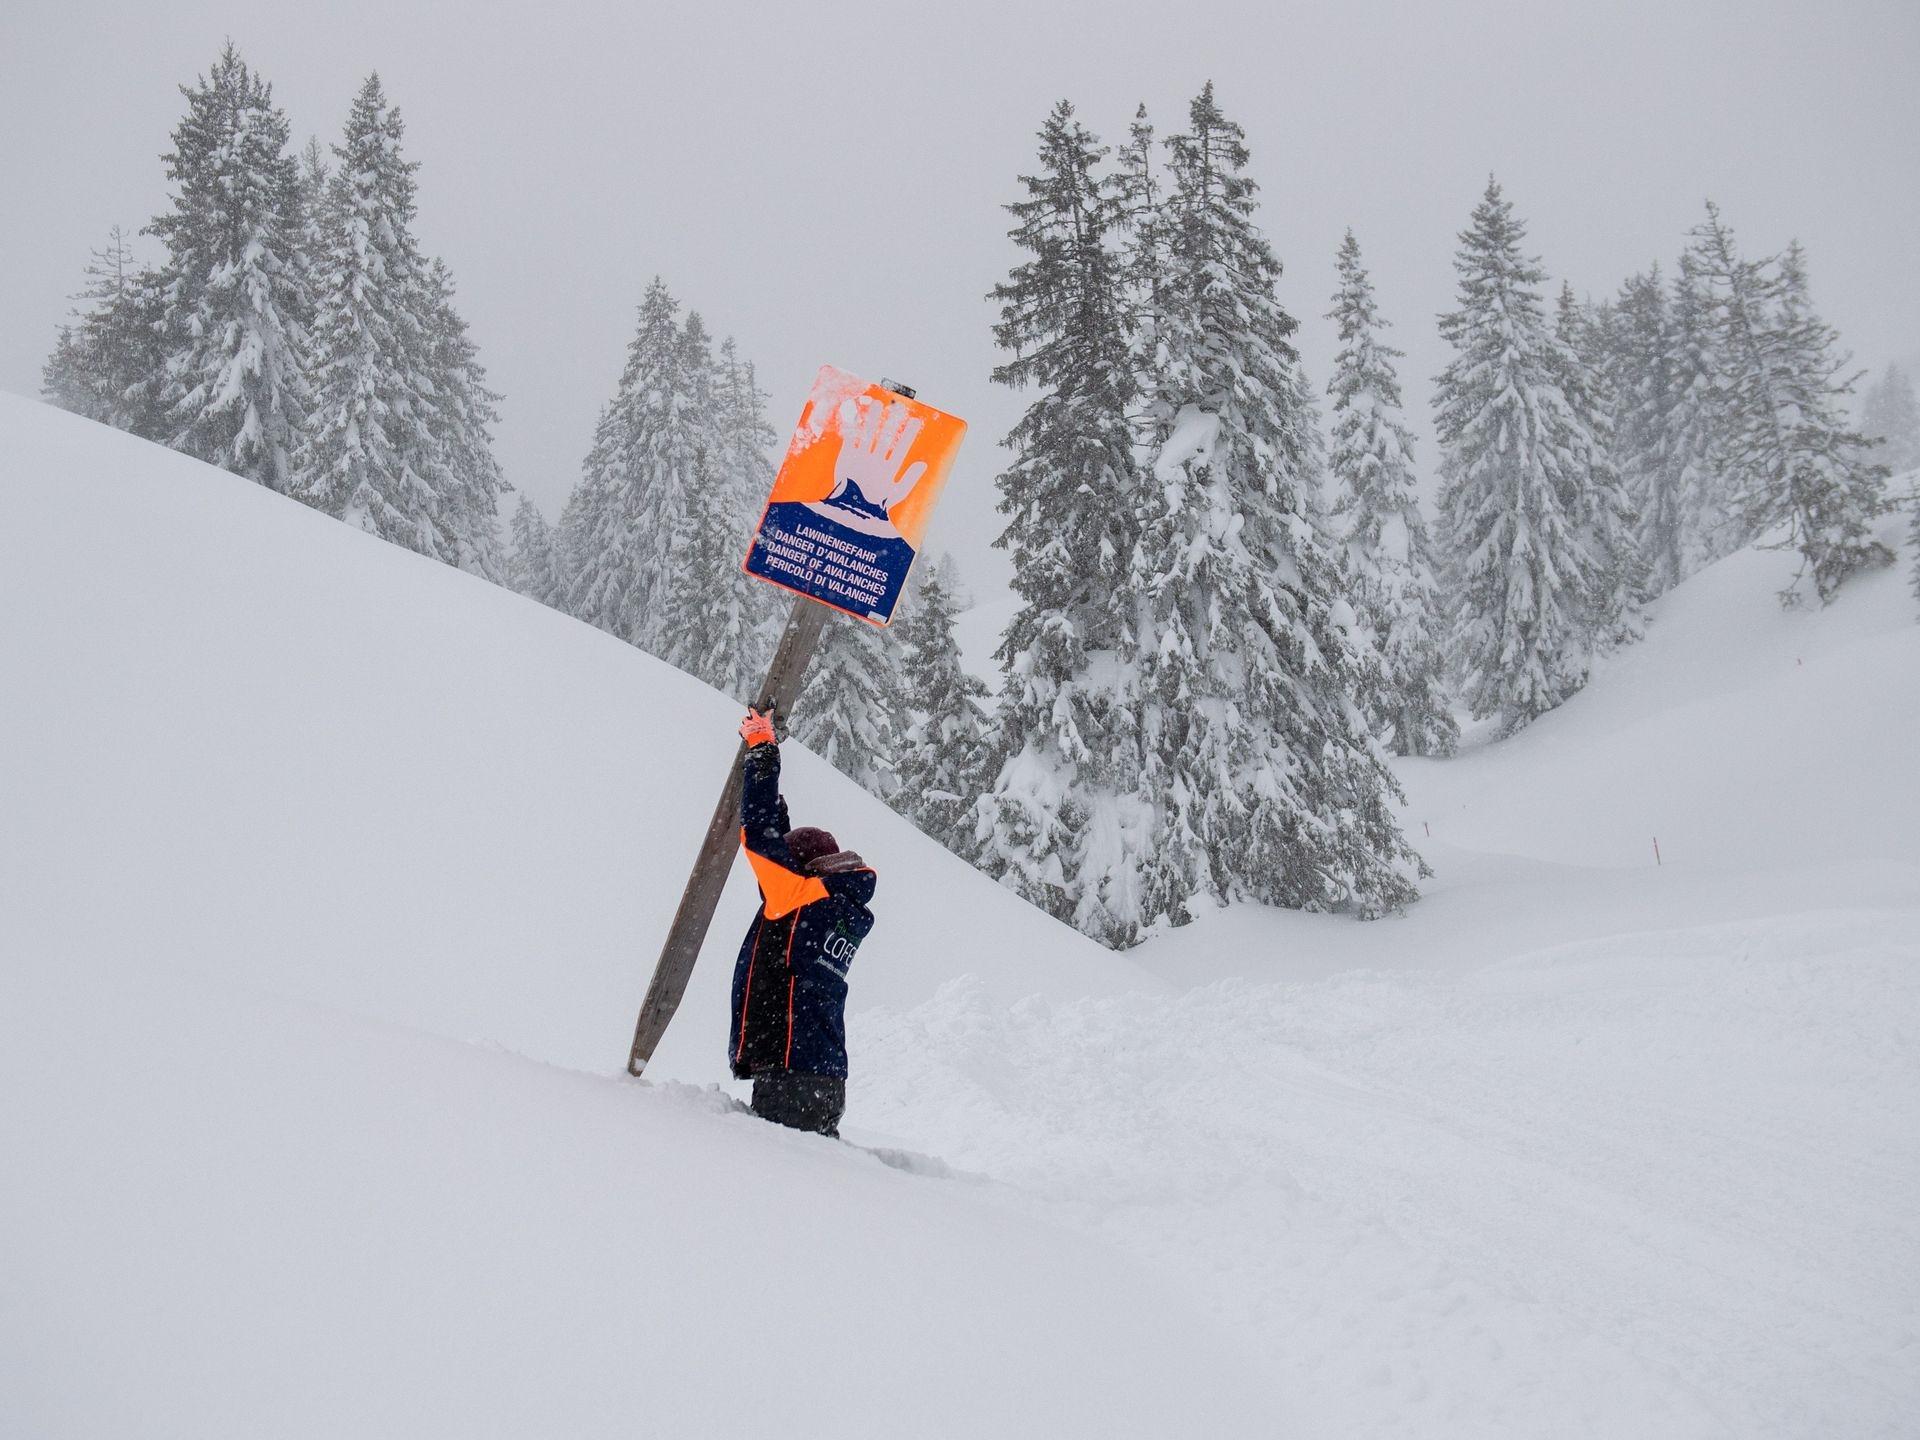 Mùa đông khắc nghiệt với tuyết rơi dày ở nhiều nơi trên thế giới Ảnh 7